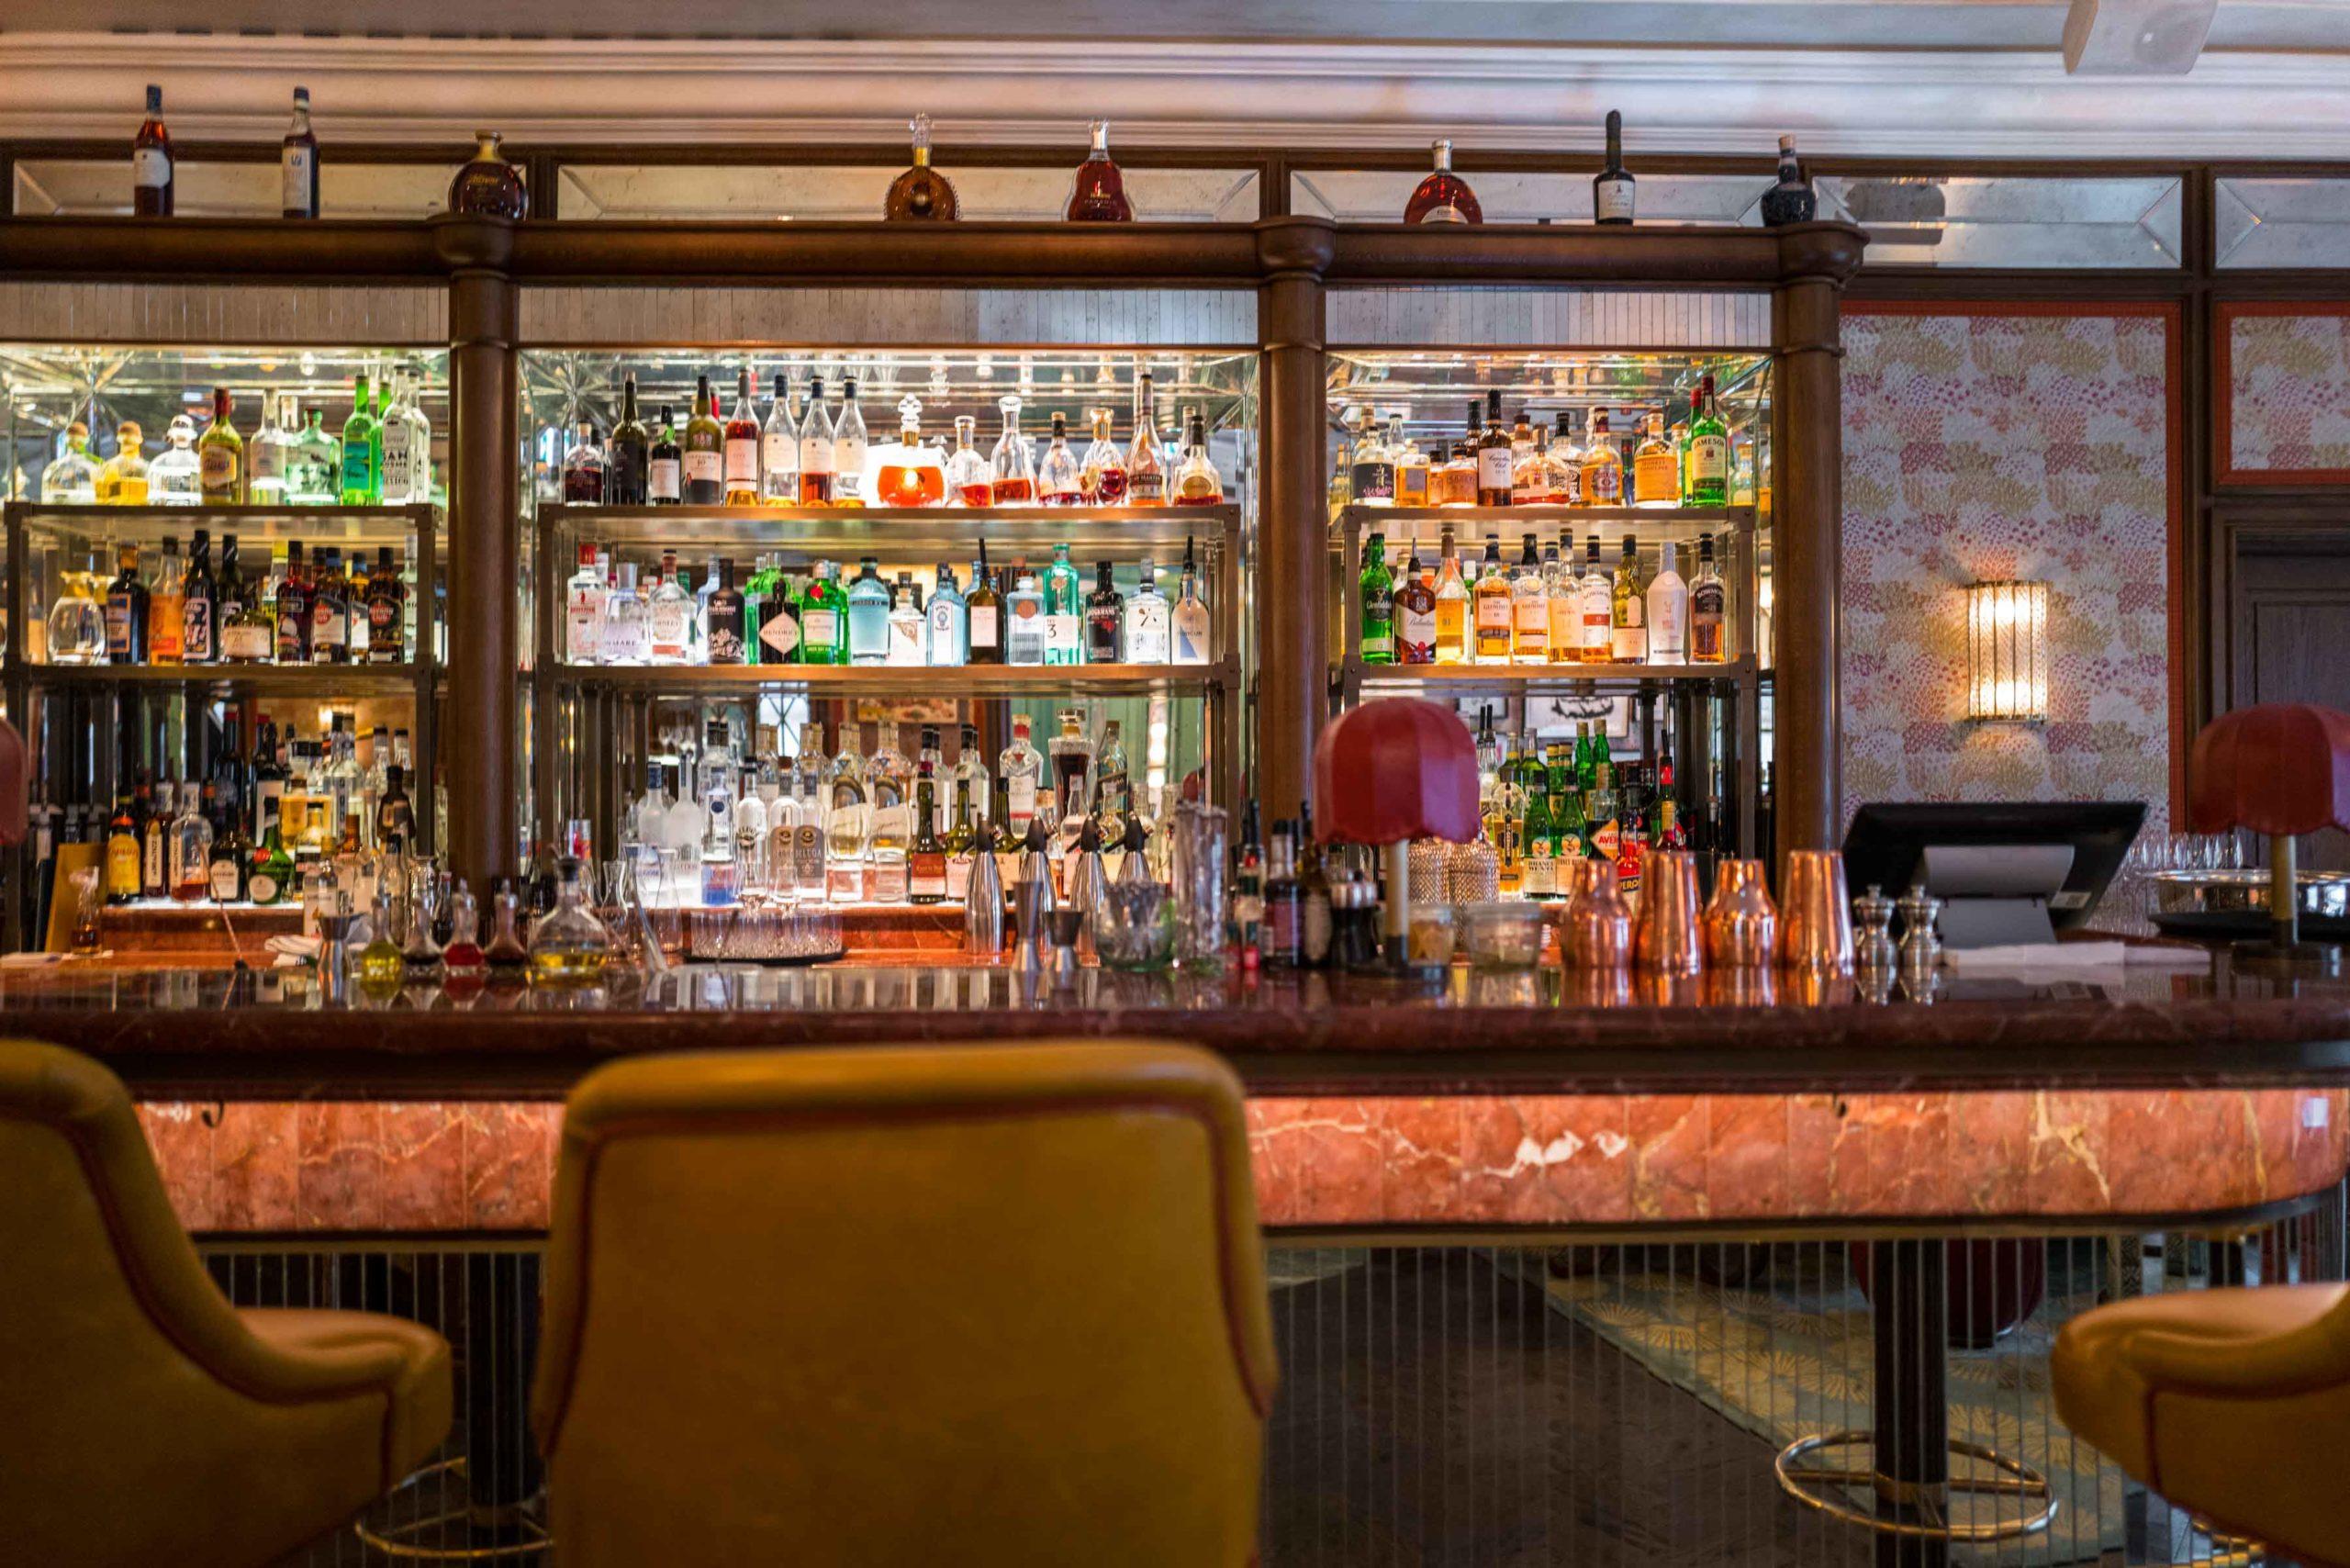 Baur's Bar and Restaurant at Baur au Lac Luxury Zurich Hotel #switzerland #hotel #bar